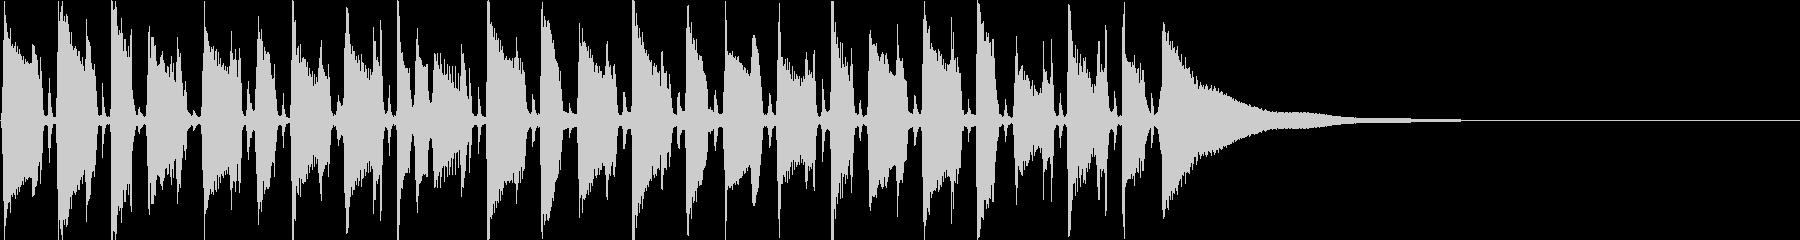 アコギによるジャズポップスの未再生の波形